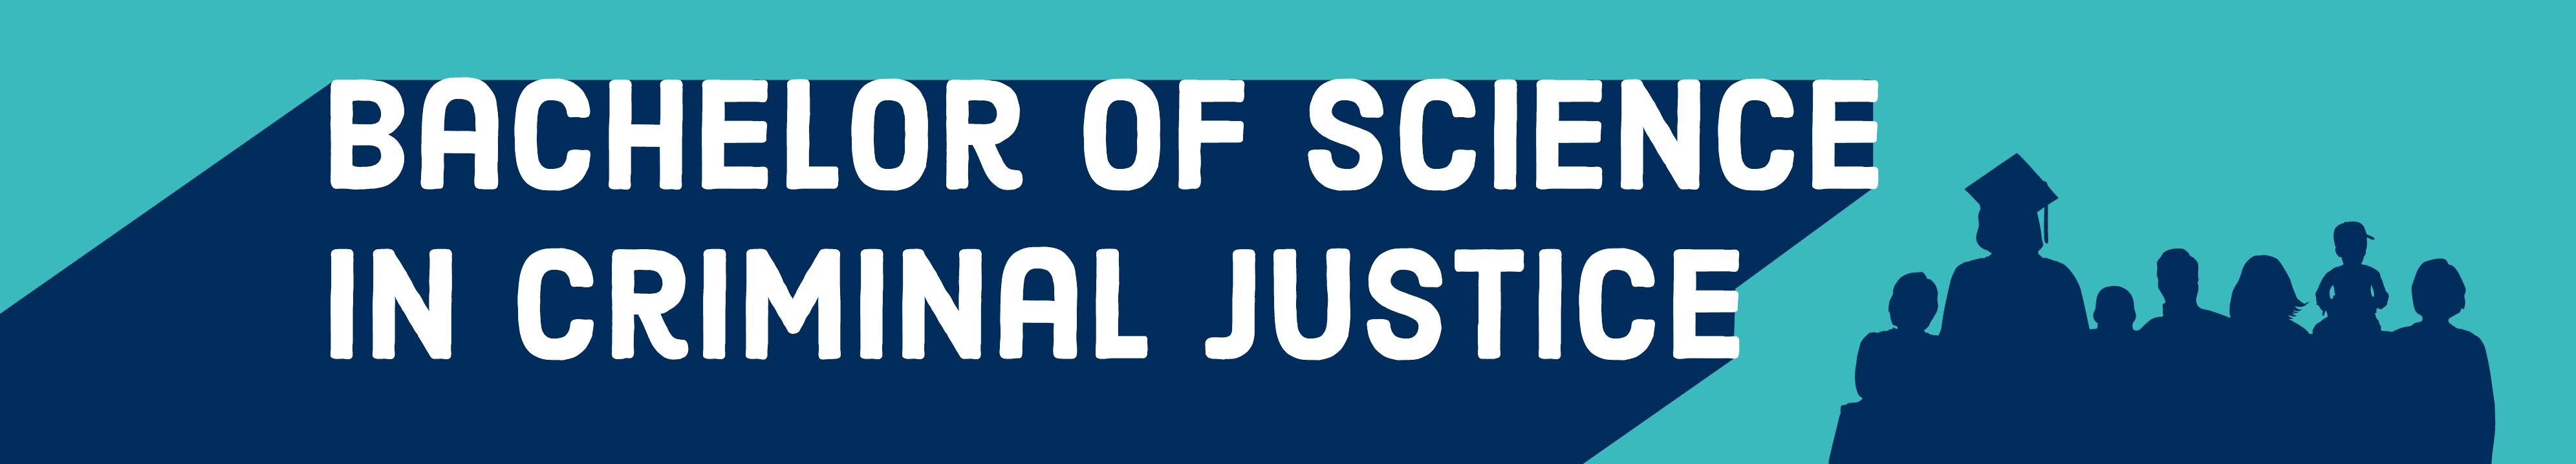 bs-criminal-justice